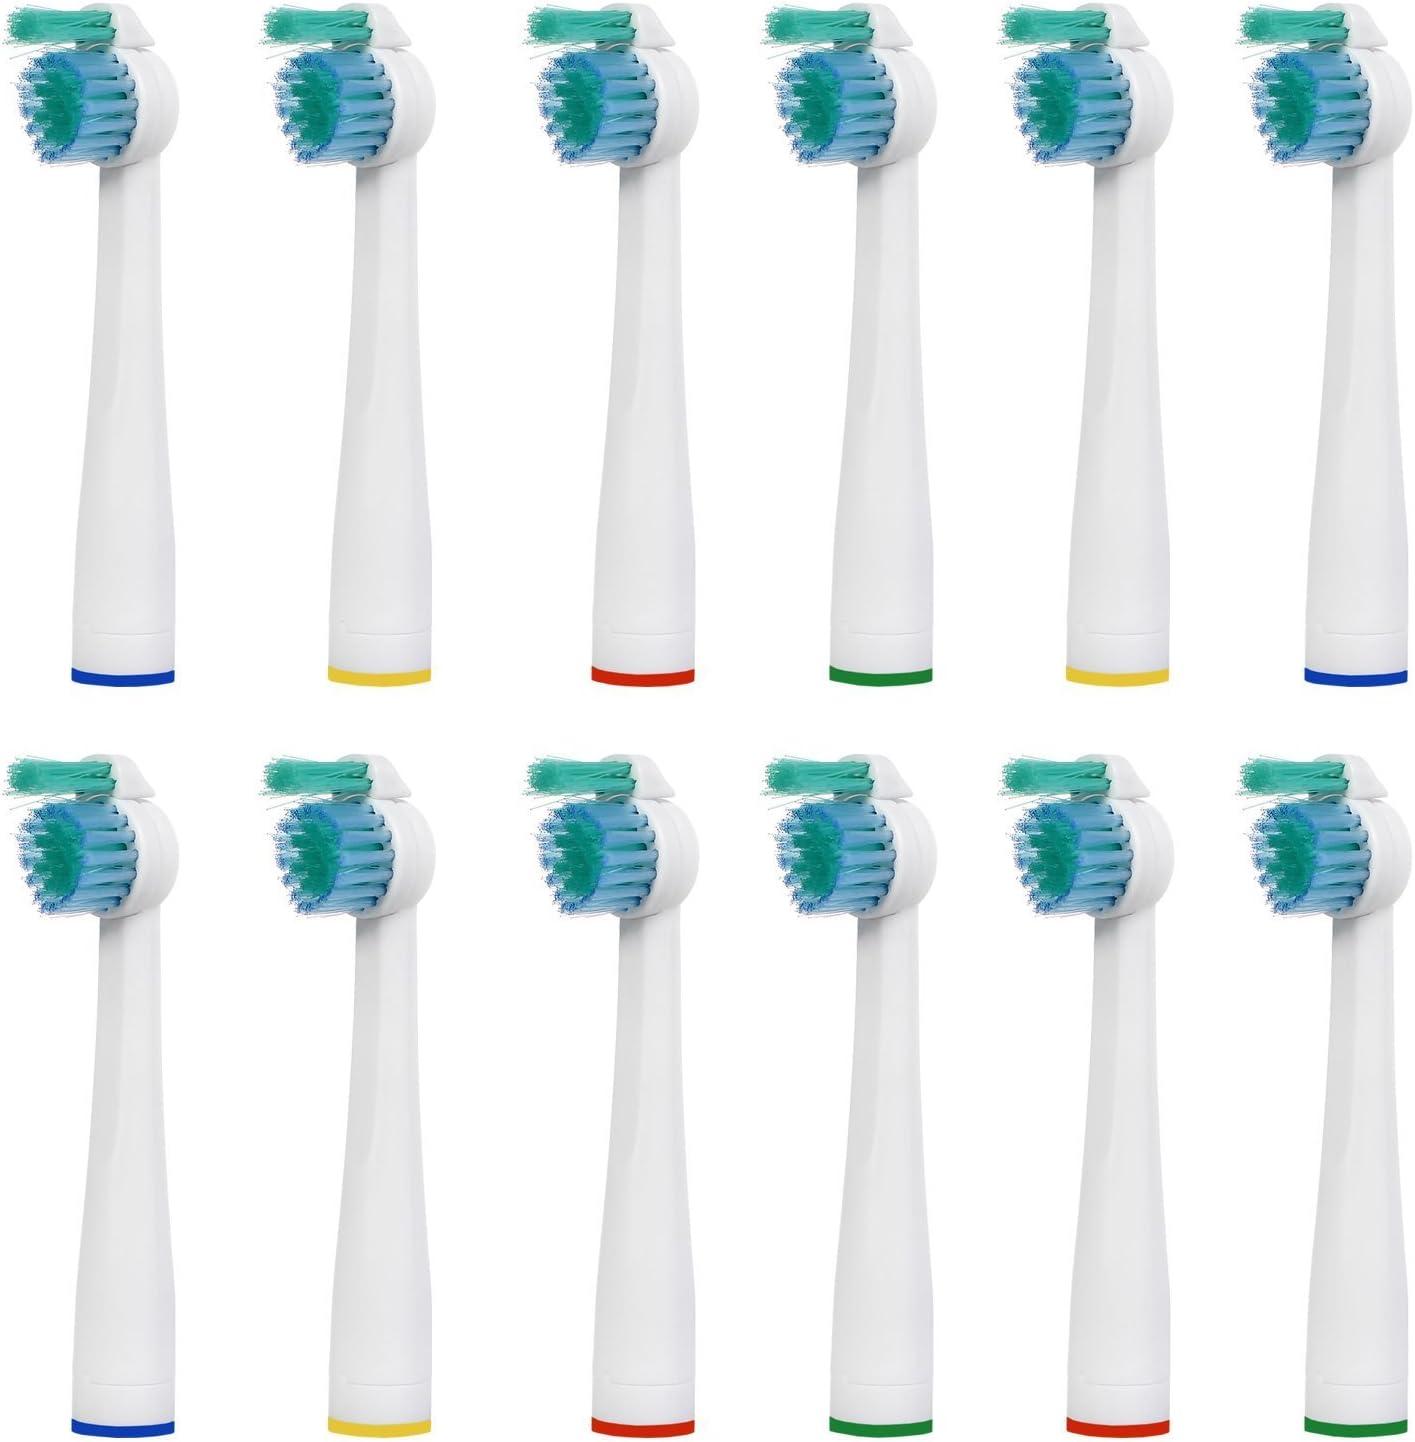 12 uds (3x4) de cabezales de recambio para cepillos de dientes E-Cron®. Totalmente compatibles recambios cabezales con Philips Sonicare Sensiflex recambios.: Amazon.es: Salud y cuidado personal